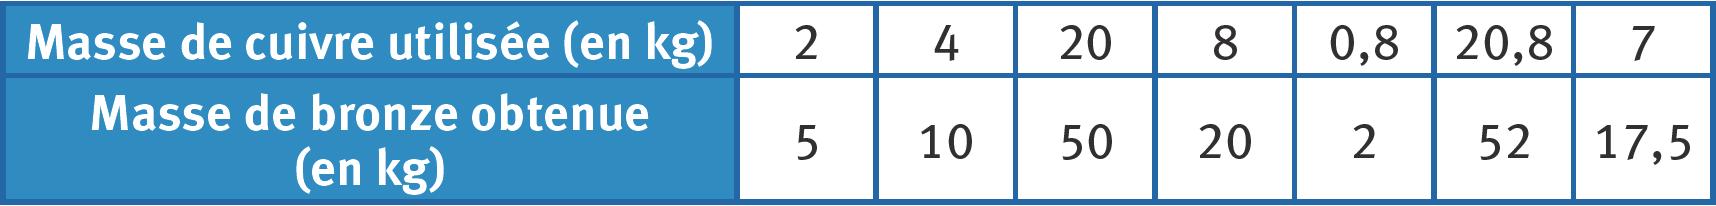 Refaire : Déterminer si un tableau représente une situation de proportionnalité.